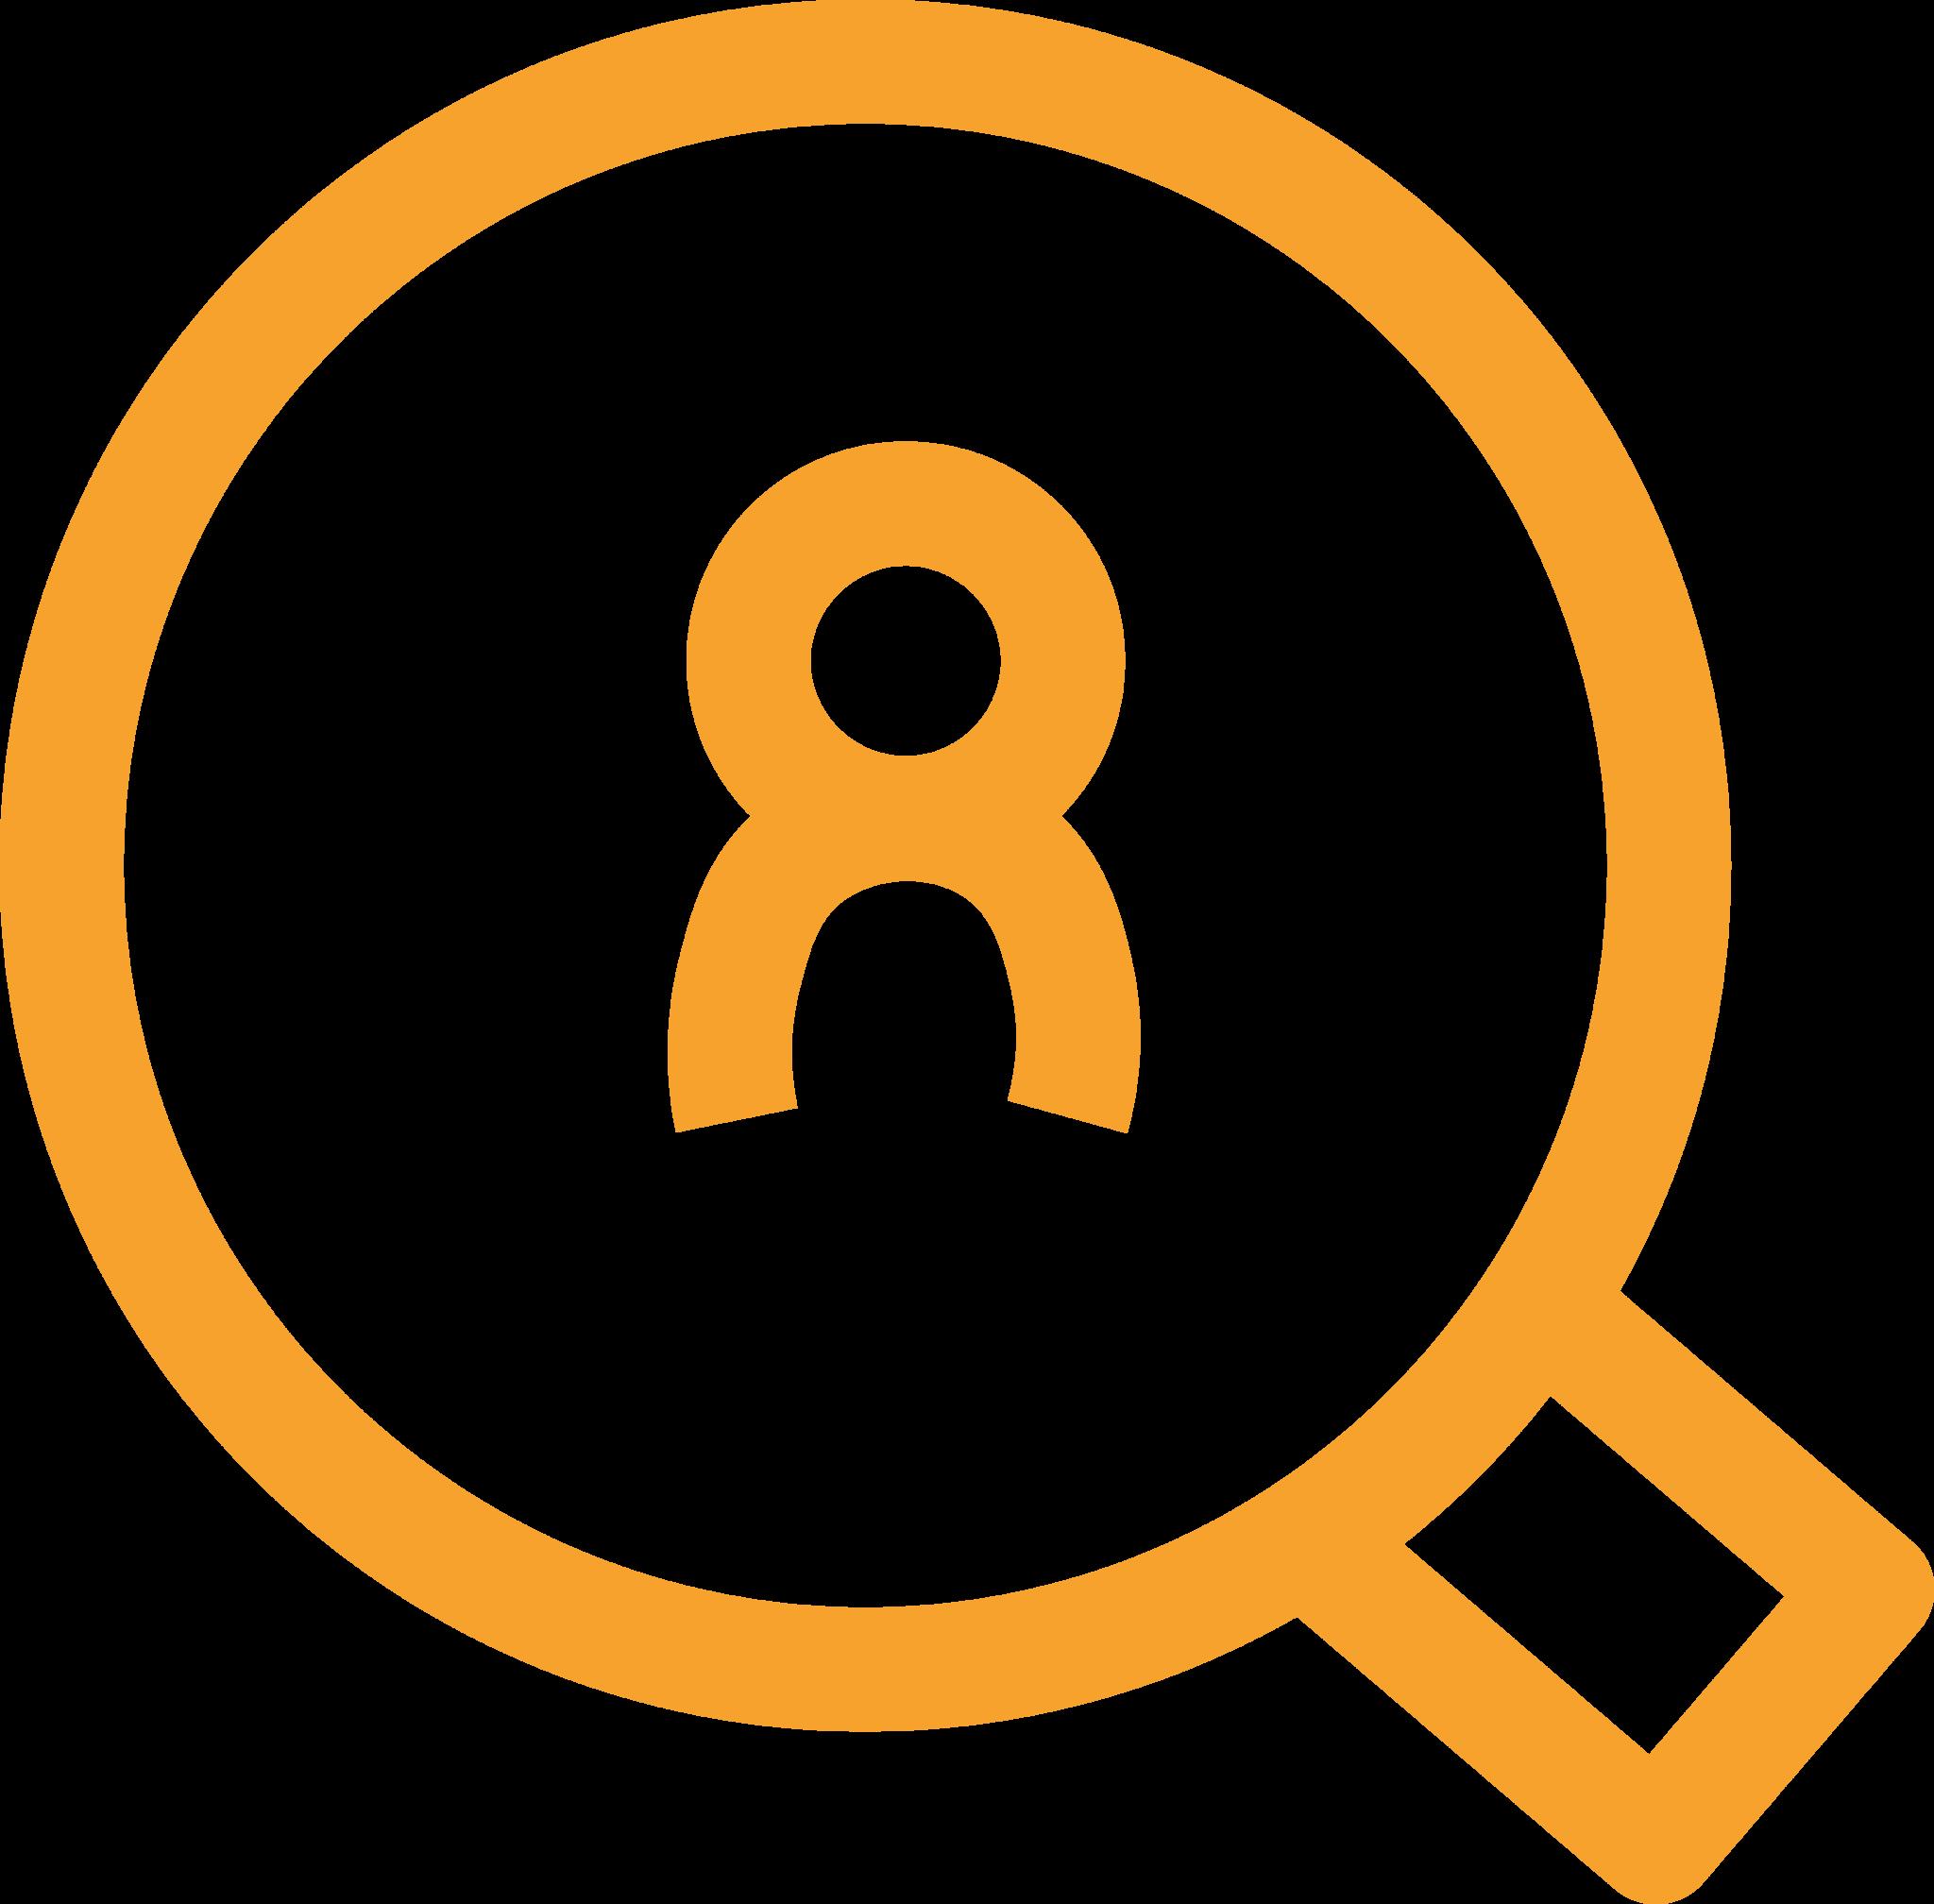 Create an open doorway icon